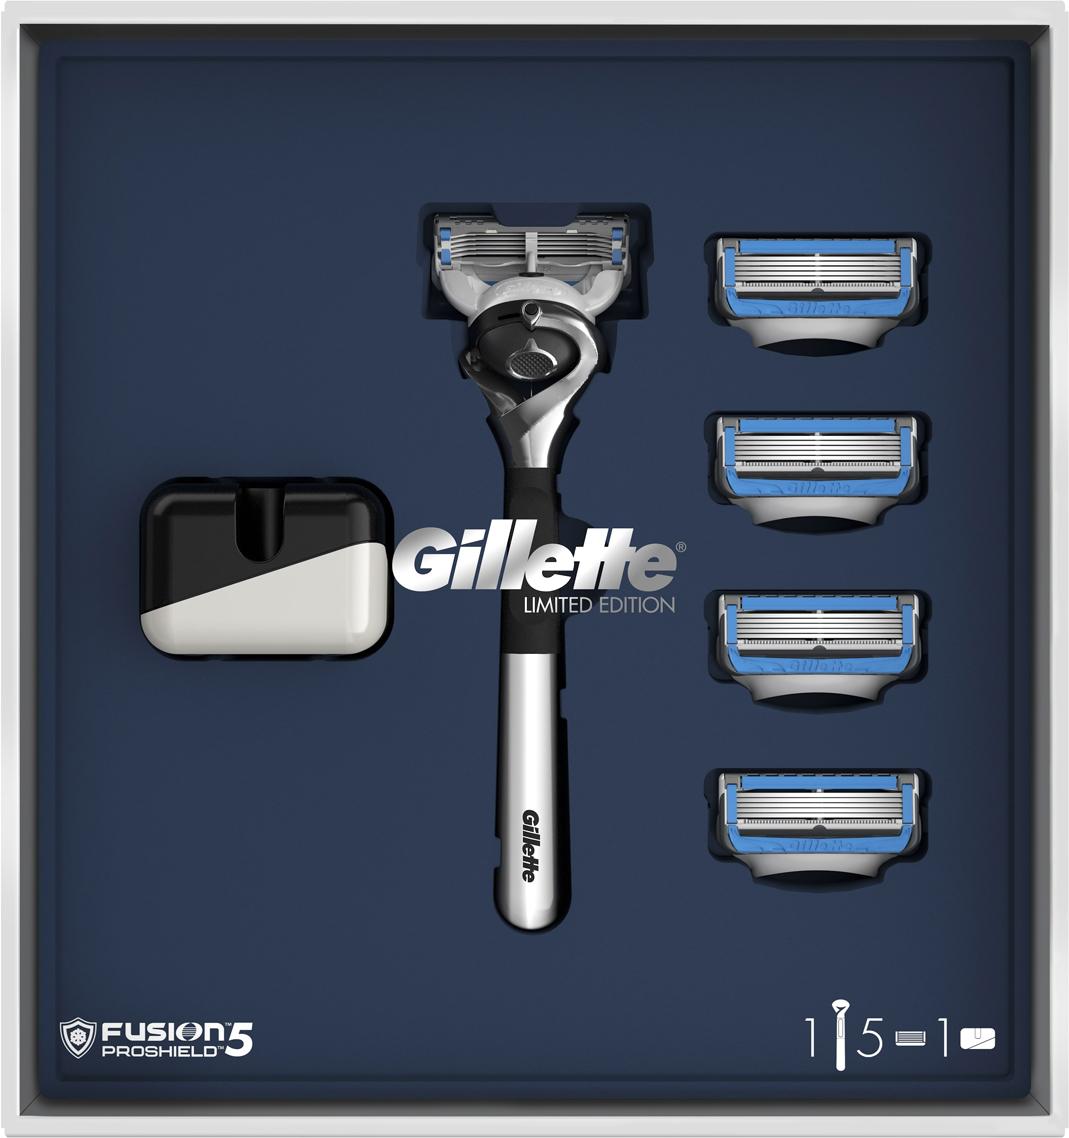 Подарочный набор Gillette Fusion5 ProShield Chill: Бритва, 5 сменных кассет, Подставка